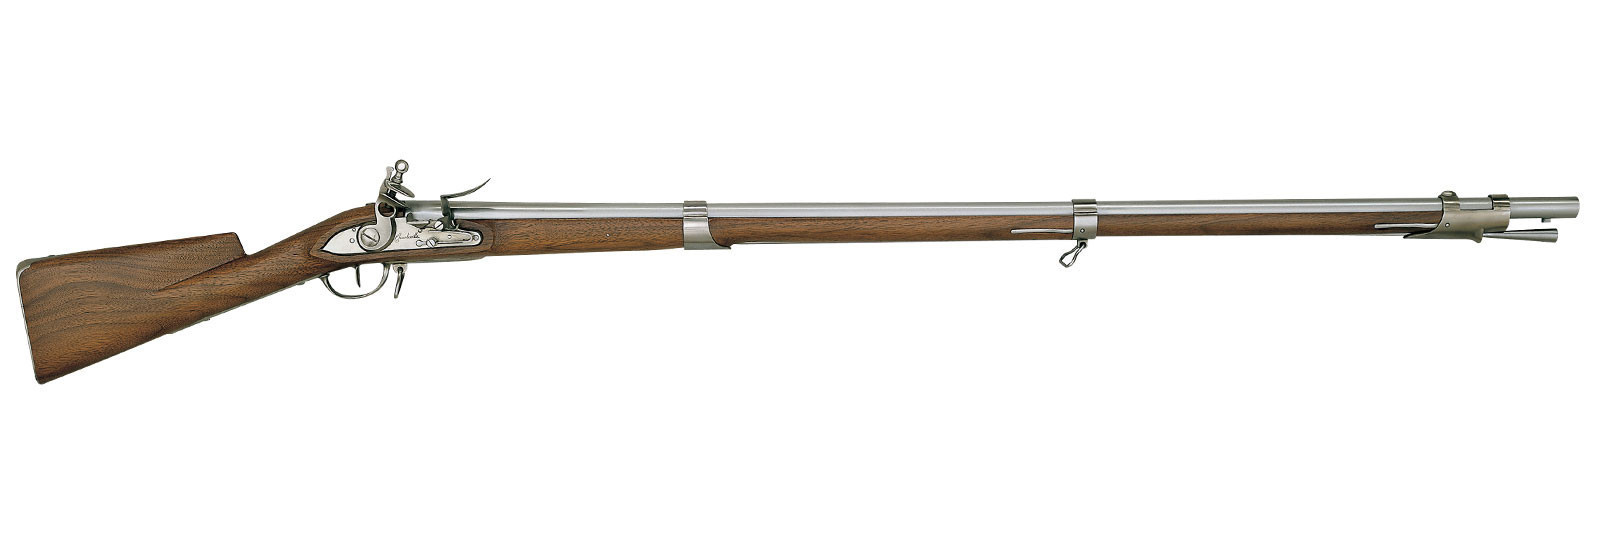 1763 Leger (1766) Charleville